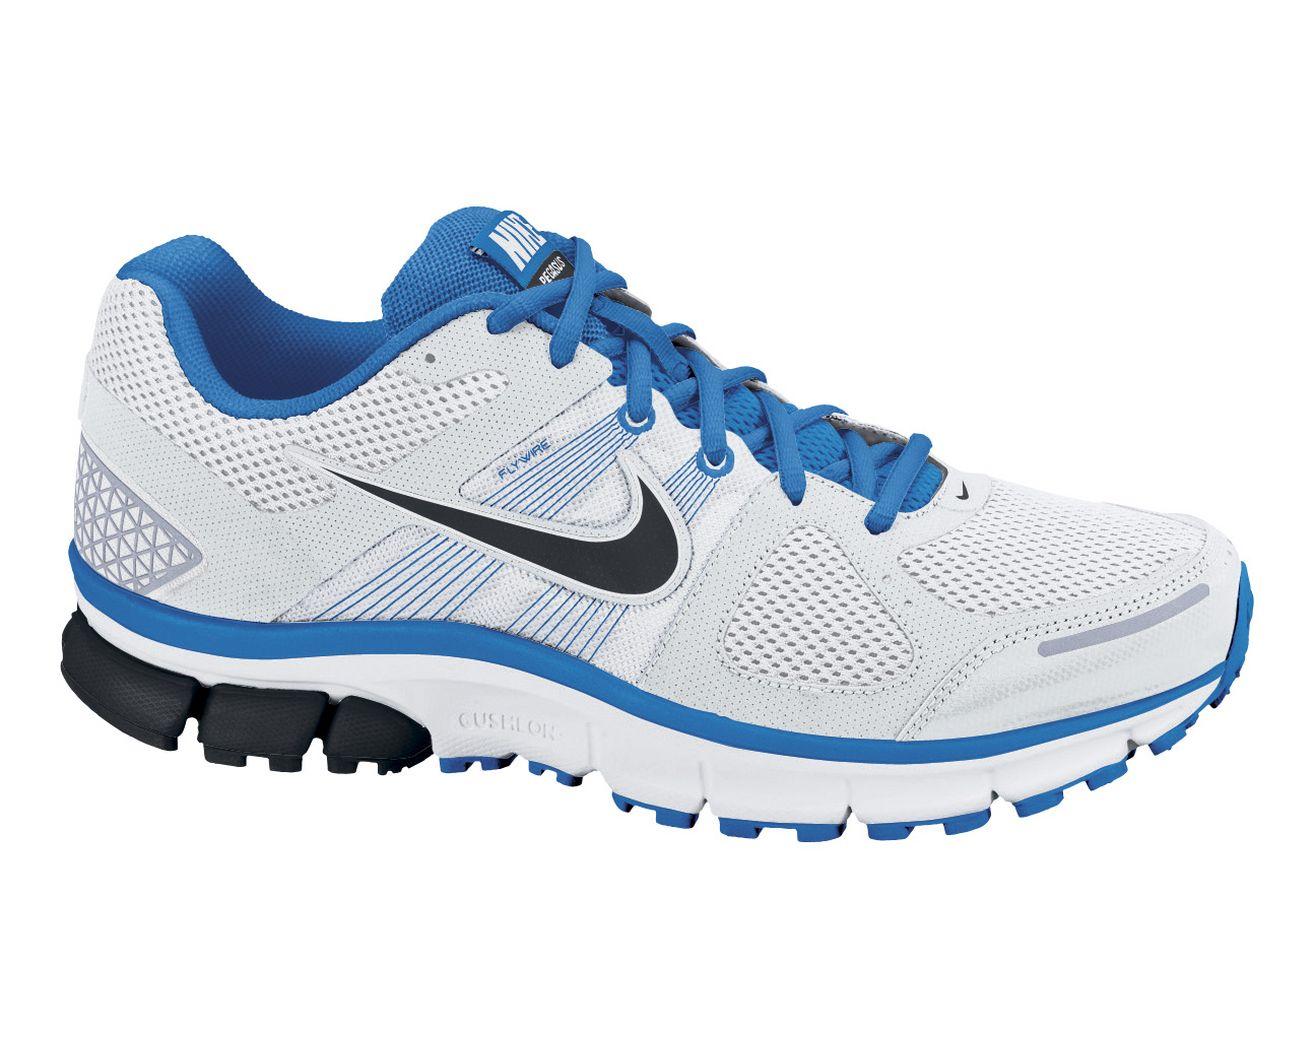 Nike Pegasus 28